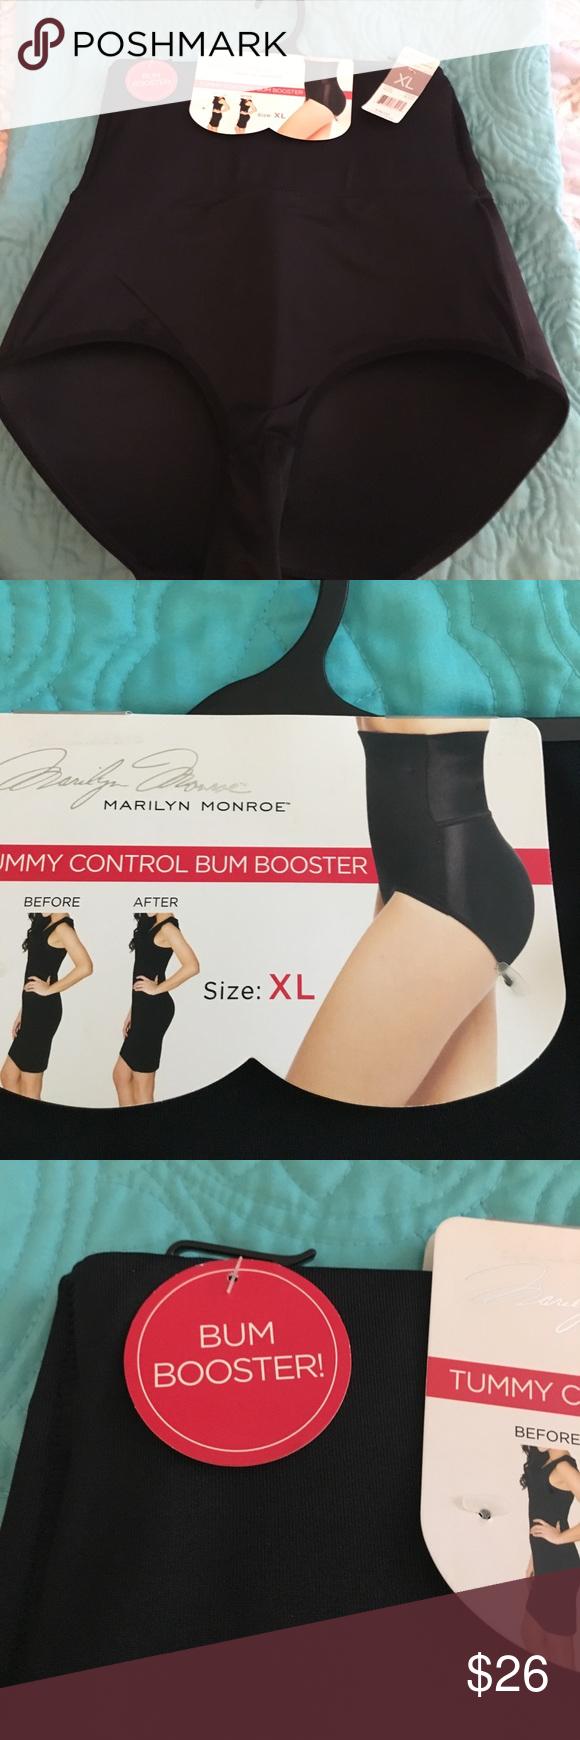 70f1380187b04 NWT Marilyn Monroe Tummy Control Bum Booster XL NEW!! NWT Marilyn Monroe  Black Tummy